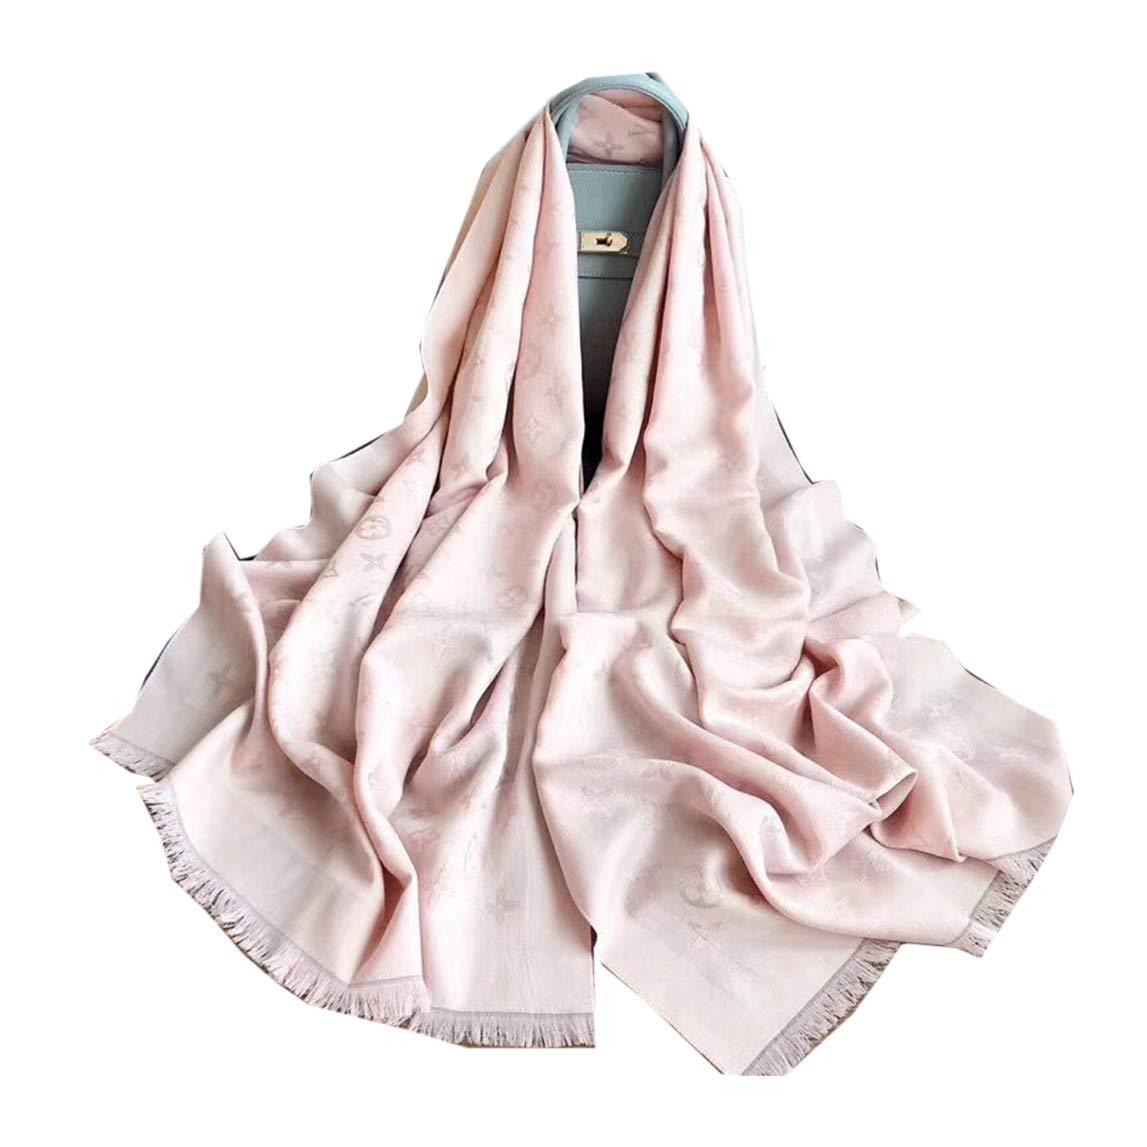 Mintrayor Fashion Luxury Cashmere/Wool Scarf Pink Warm Large long Scarves for Women Men(70.9''x27.6'') by Mintrayor